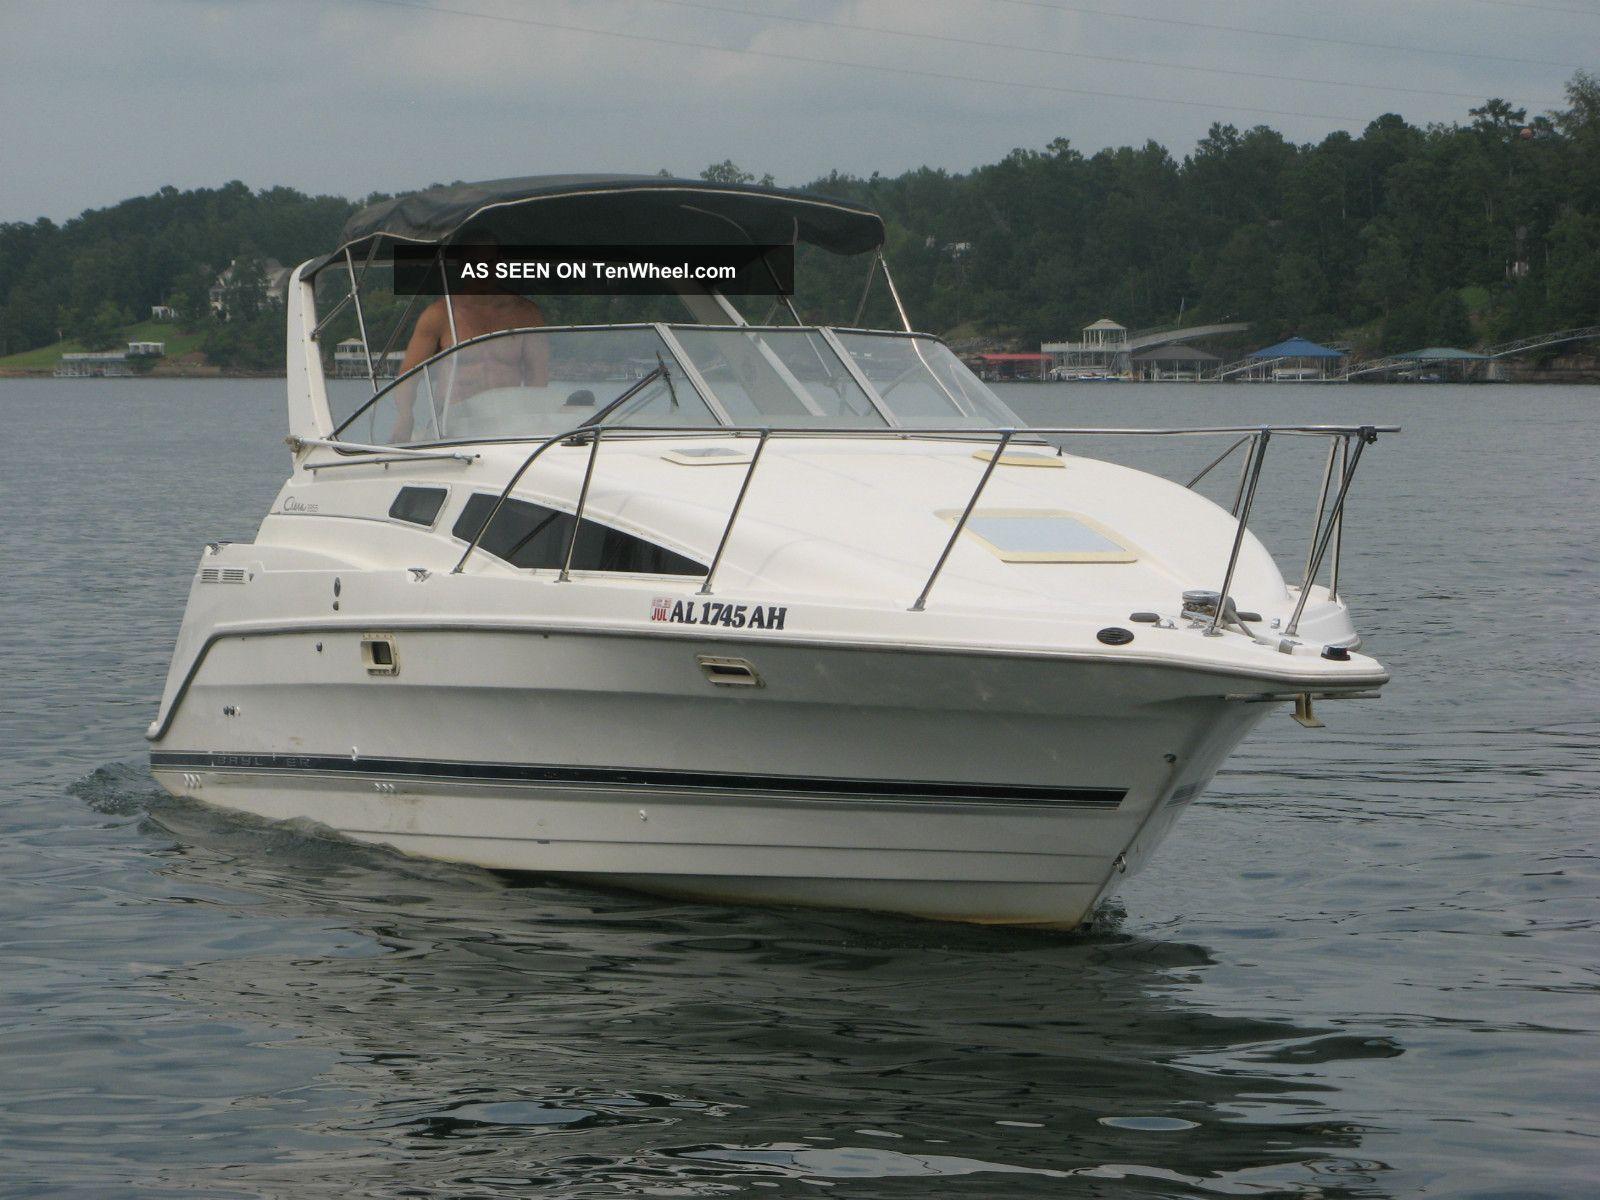 cabin mid cabrio cruisers w io tandem boats full iii mpi cabins mag merc bravo cruiser trailer larson axle